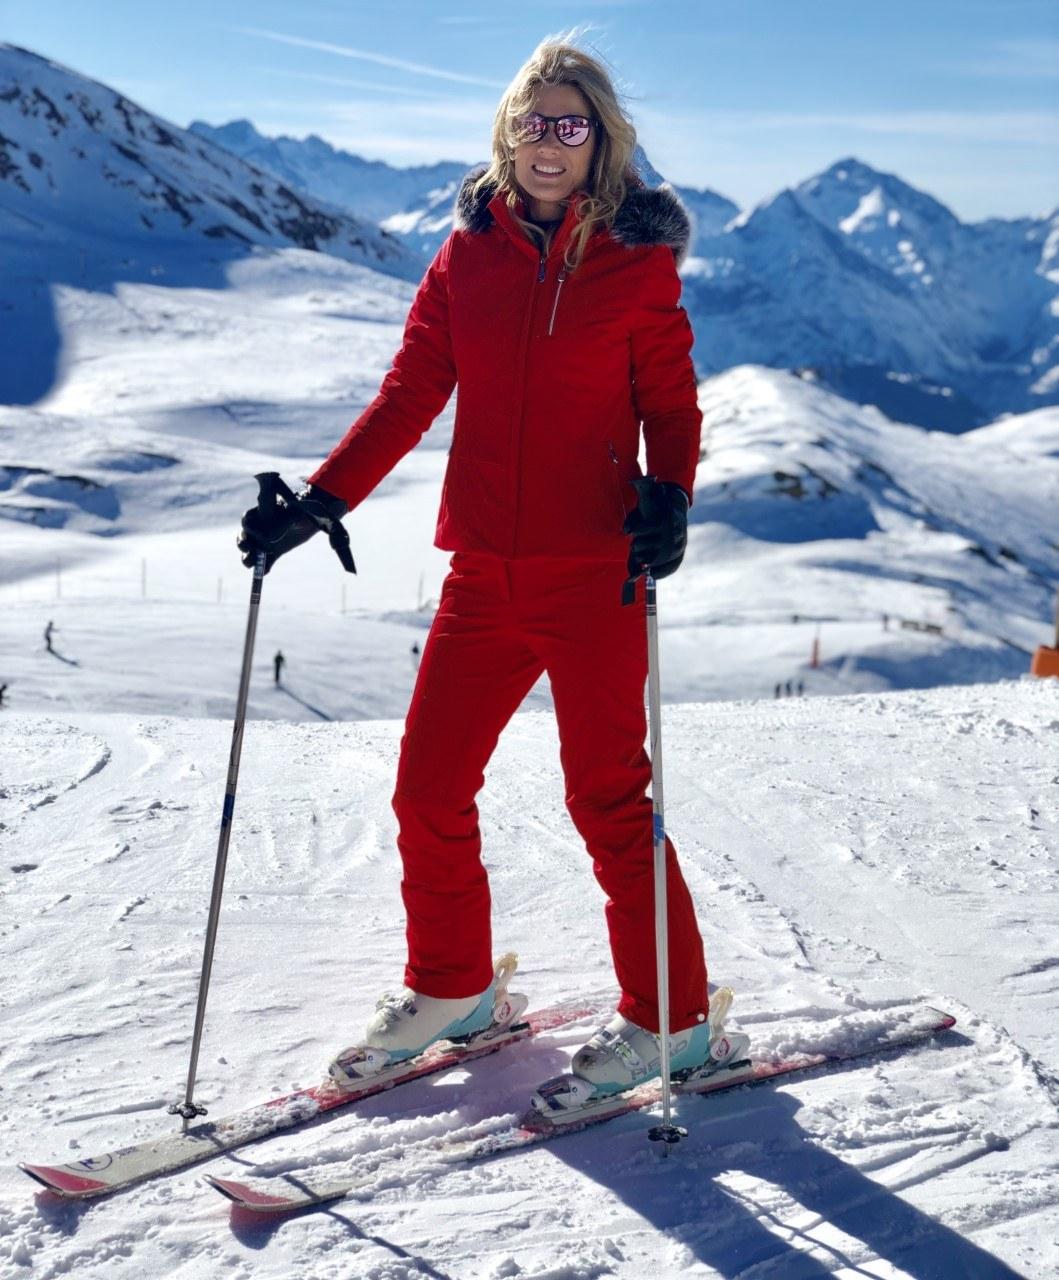 C-skiing-cropped.jpg#asset:435